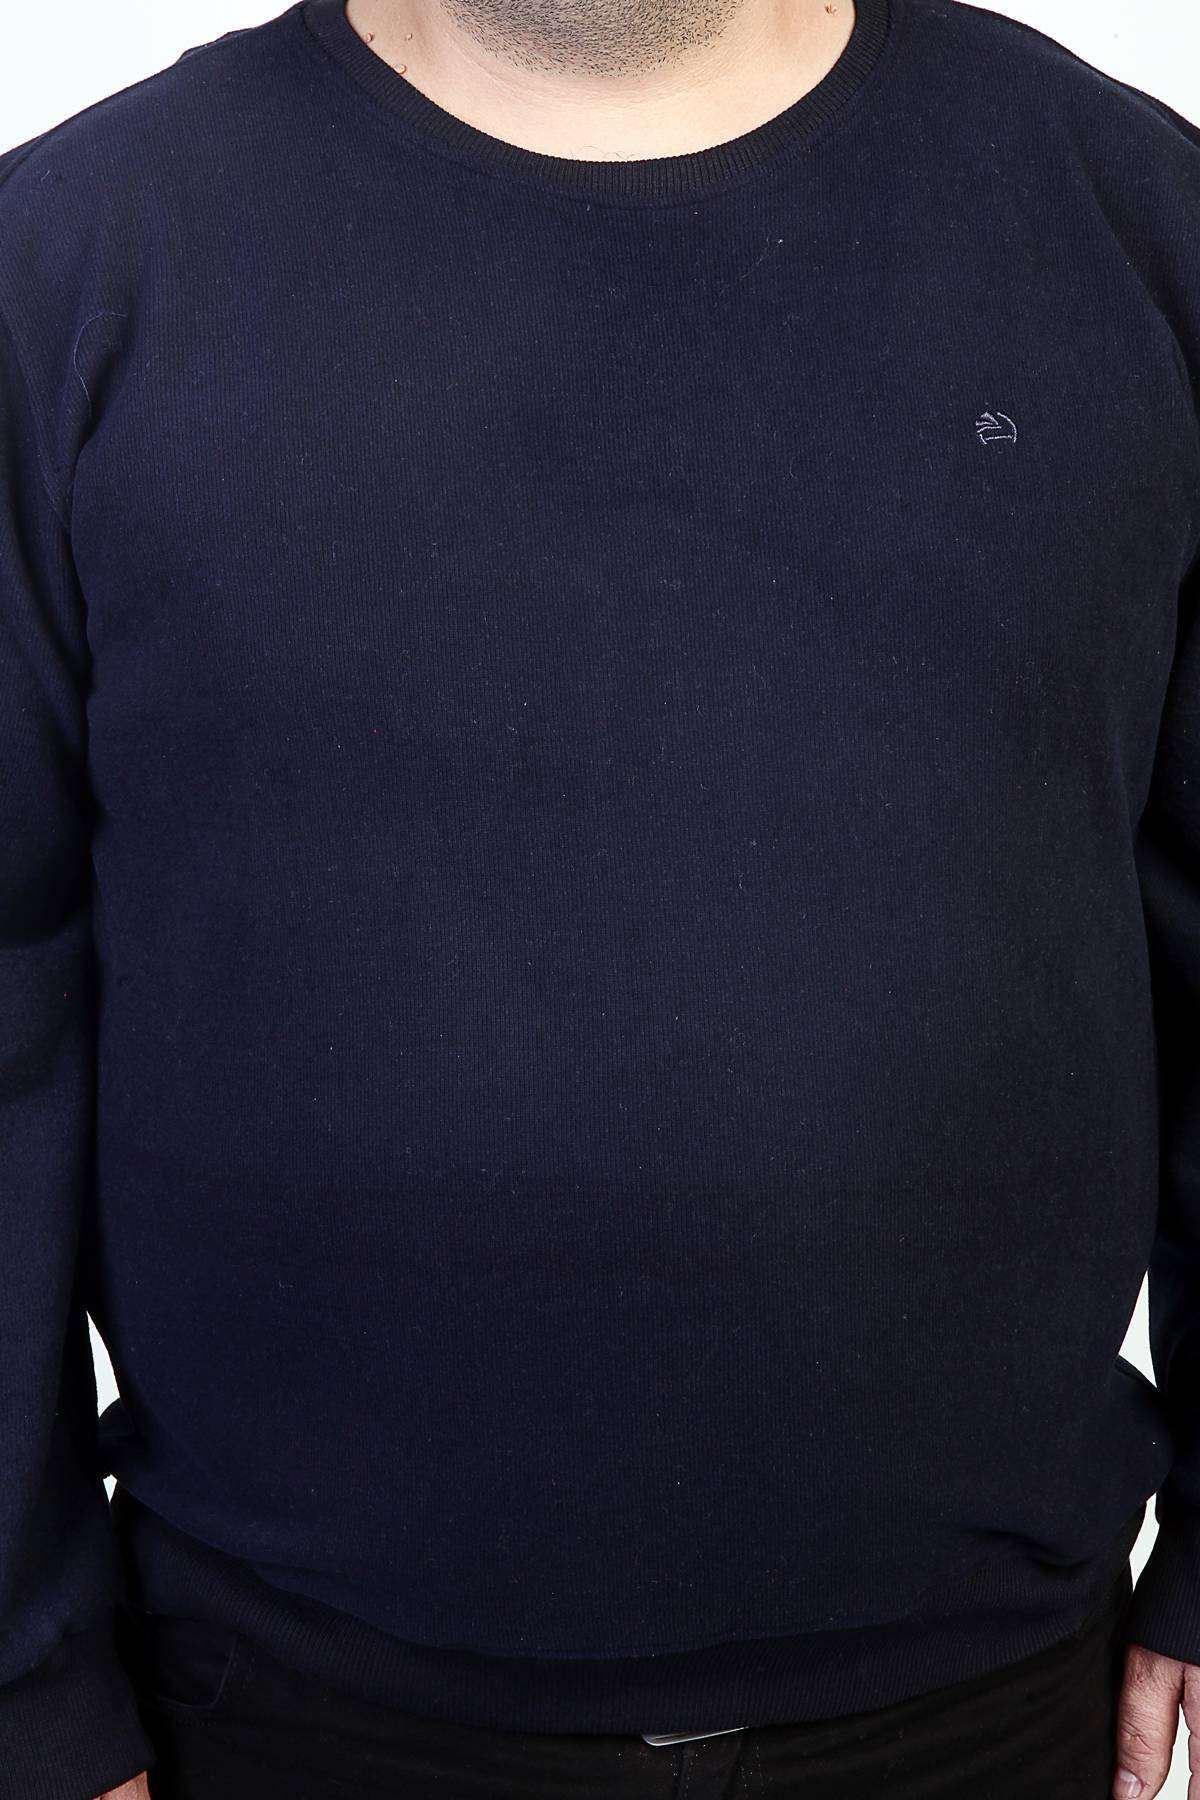 Sıfır Yaka Selanik Süper Battal Sweatshirt Lacivert